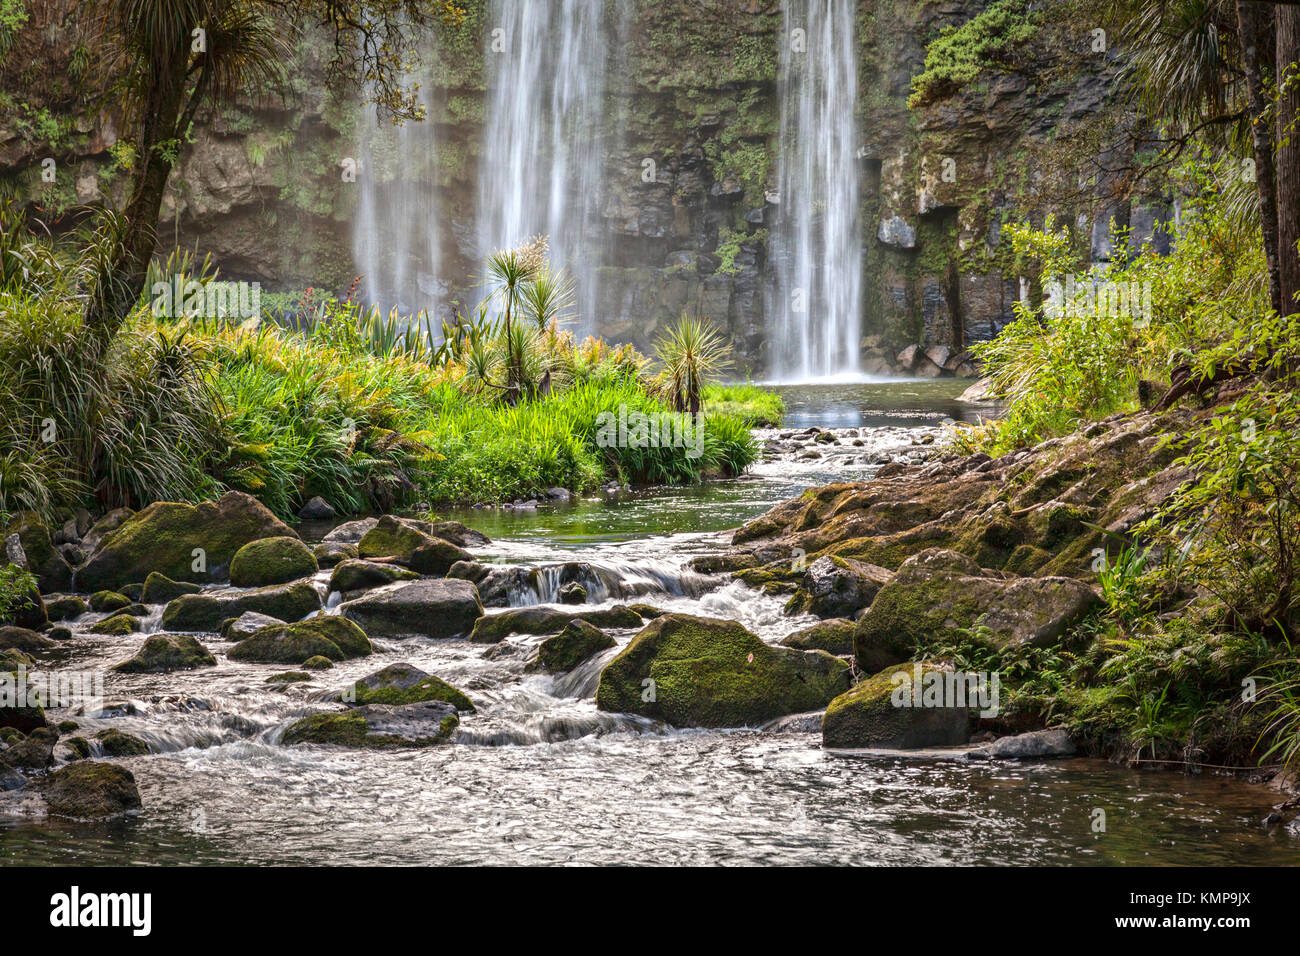 Il fiume Hatea sotto il Whangarei cade nel Northland e Nuova Zelanda. Immagini Stock